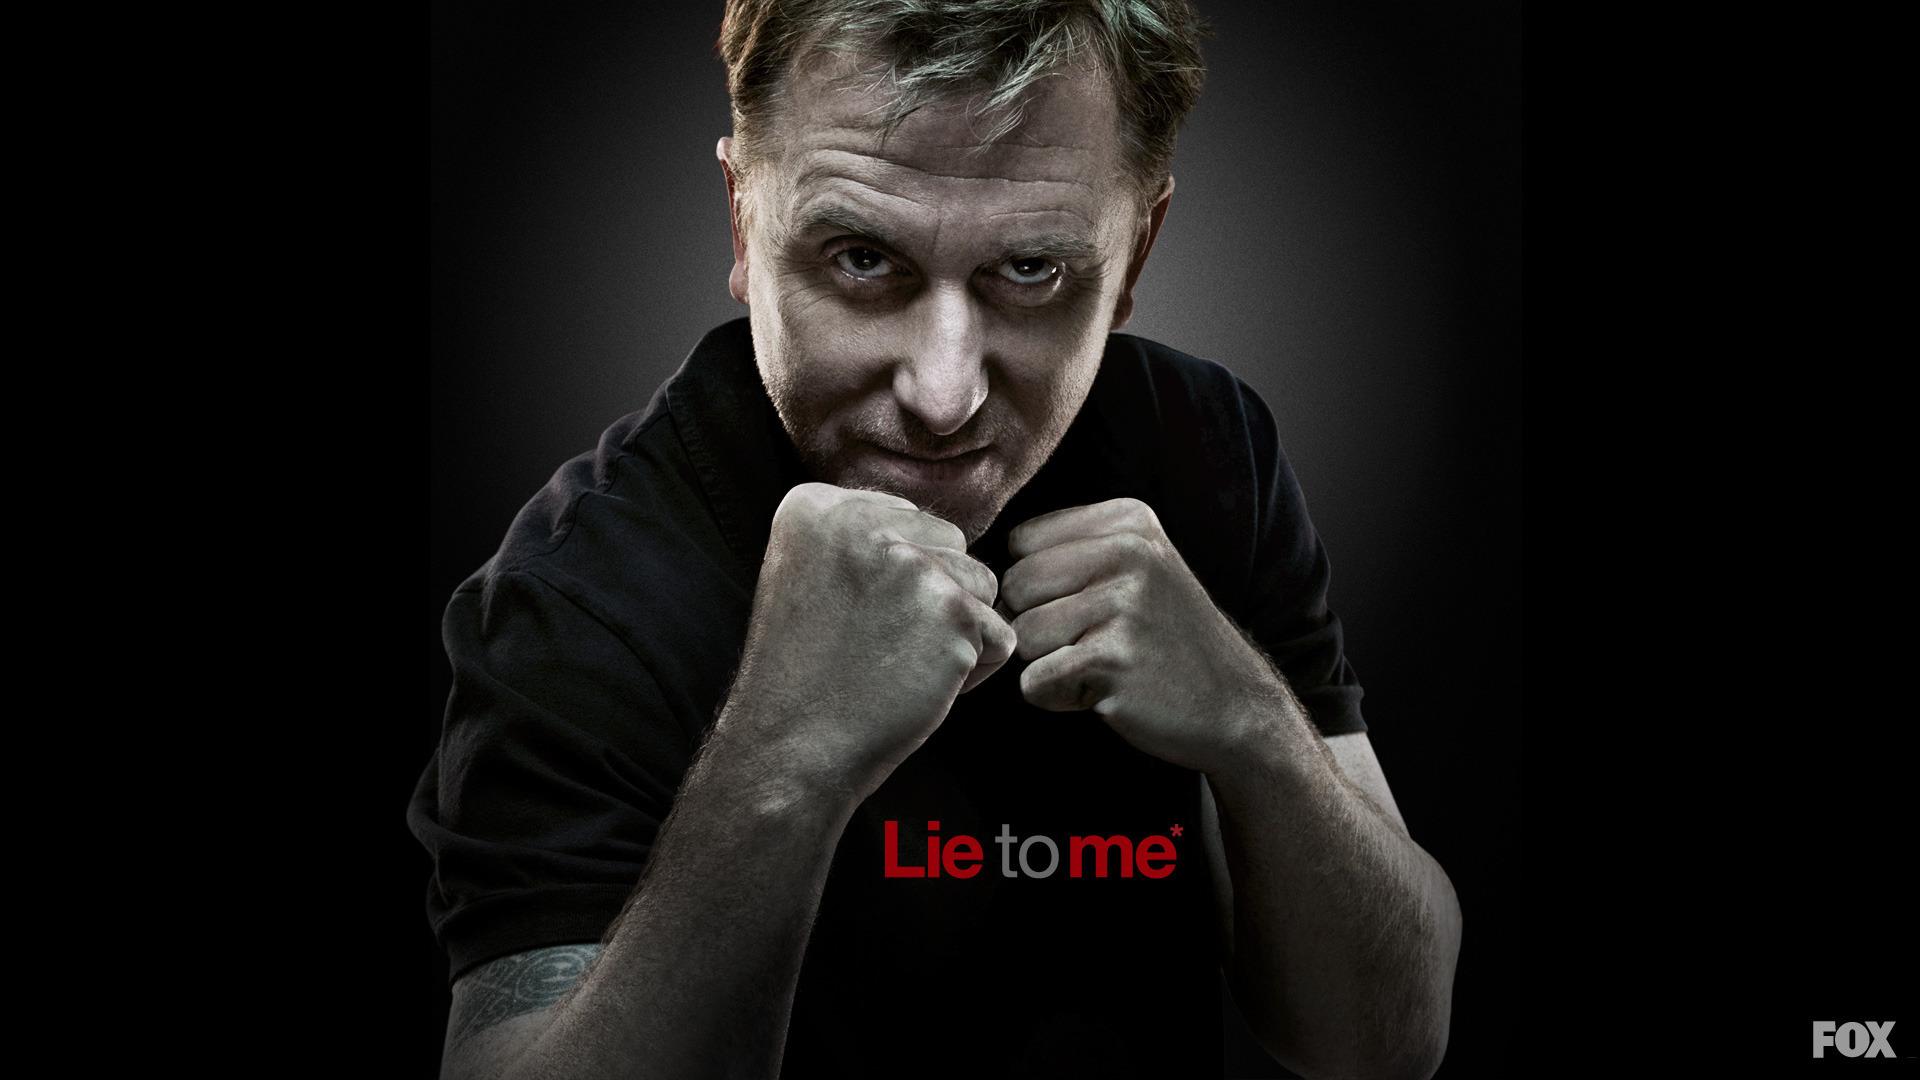 Скачать Обмани меня, Lie to Me, фильм, кино, фото, обои, картинка